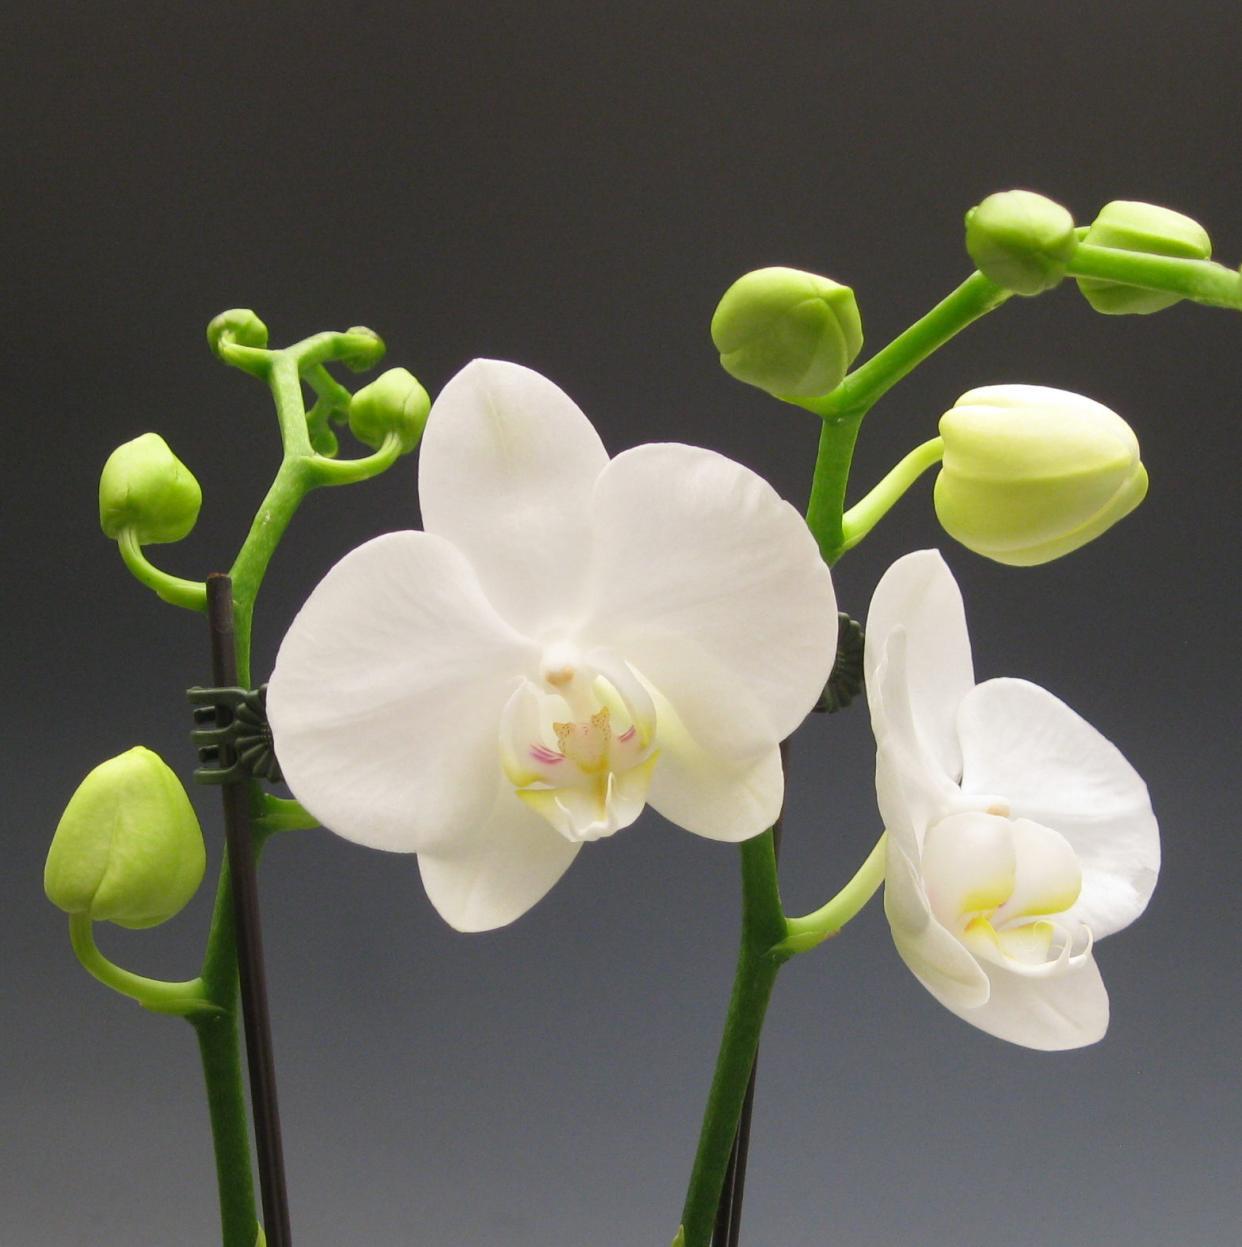 Hình ảnh đẹp về hoa phong lan Hồ Điệp trắng đẹp nhất